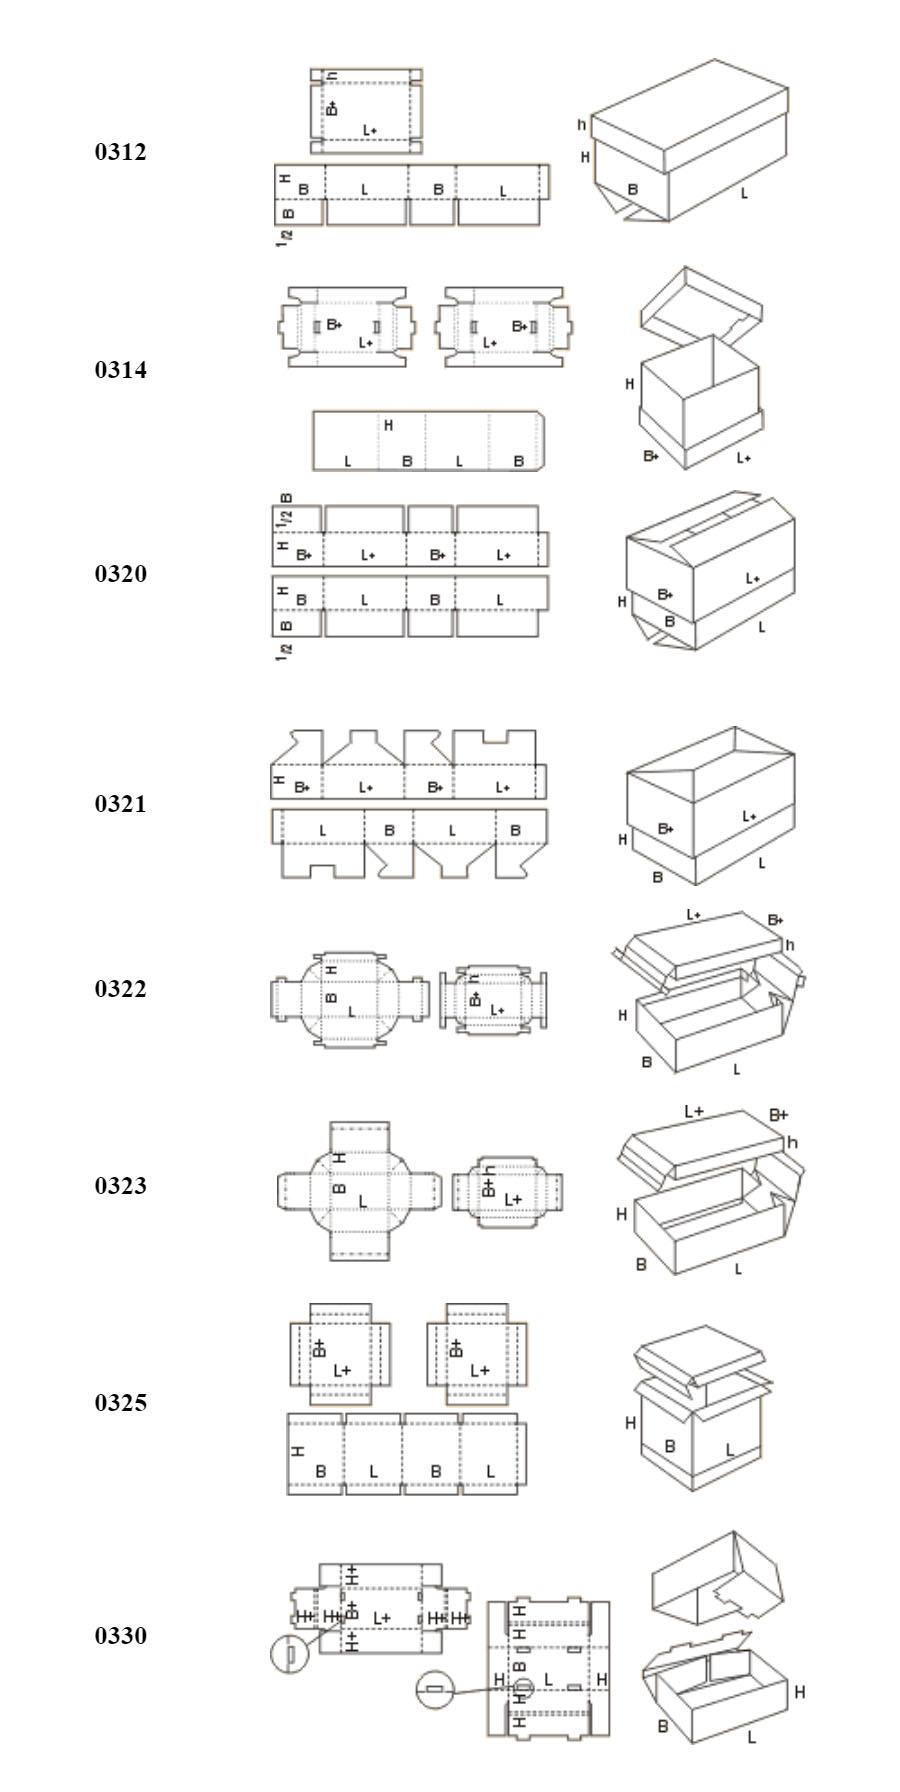 Виды коробок FEFCO 03xx